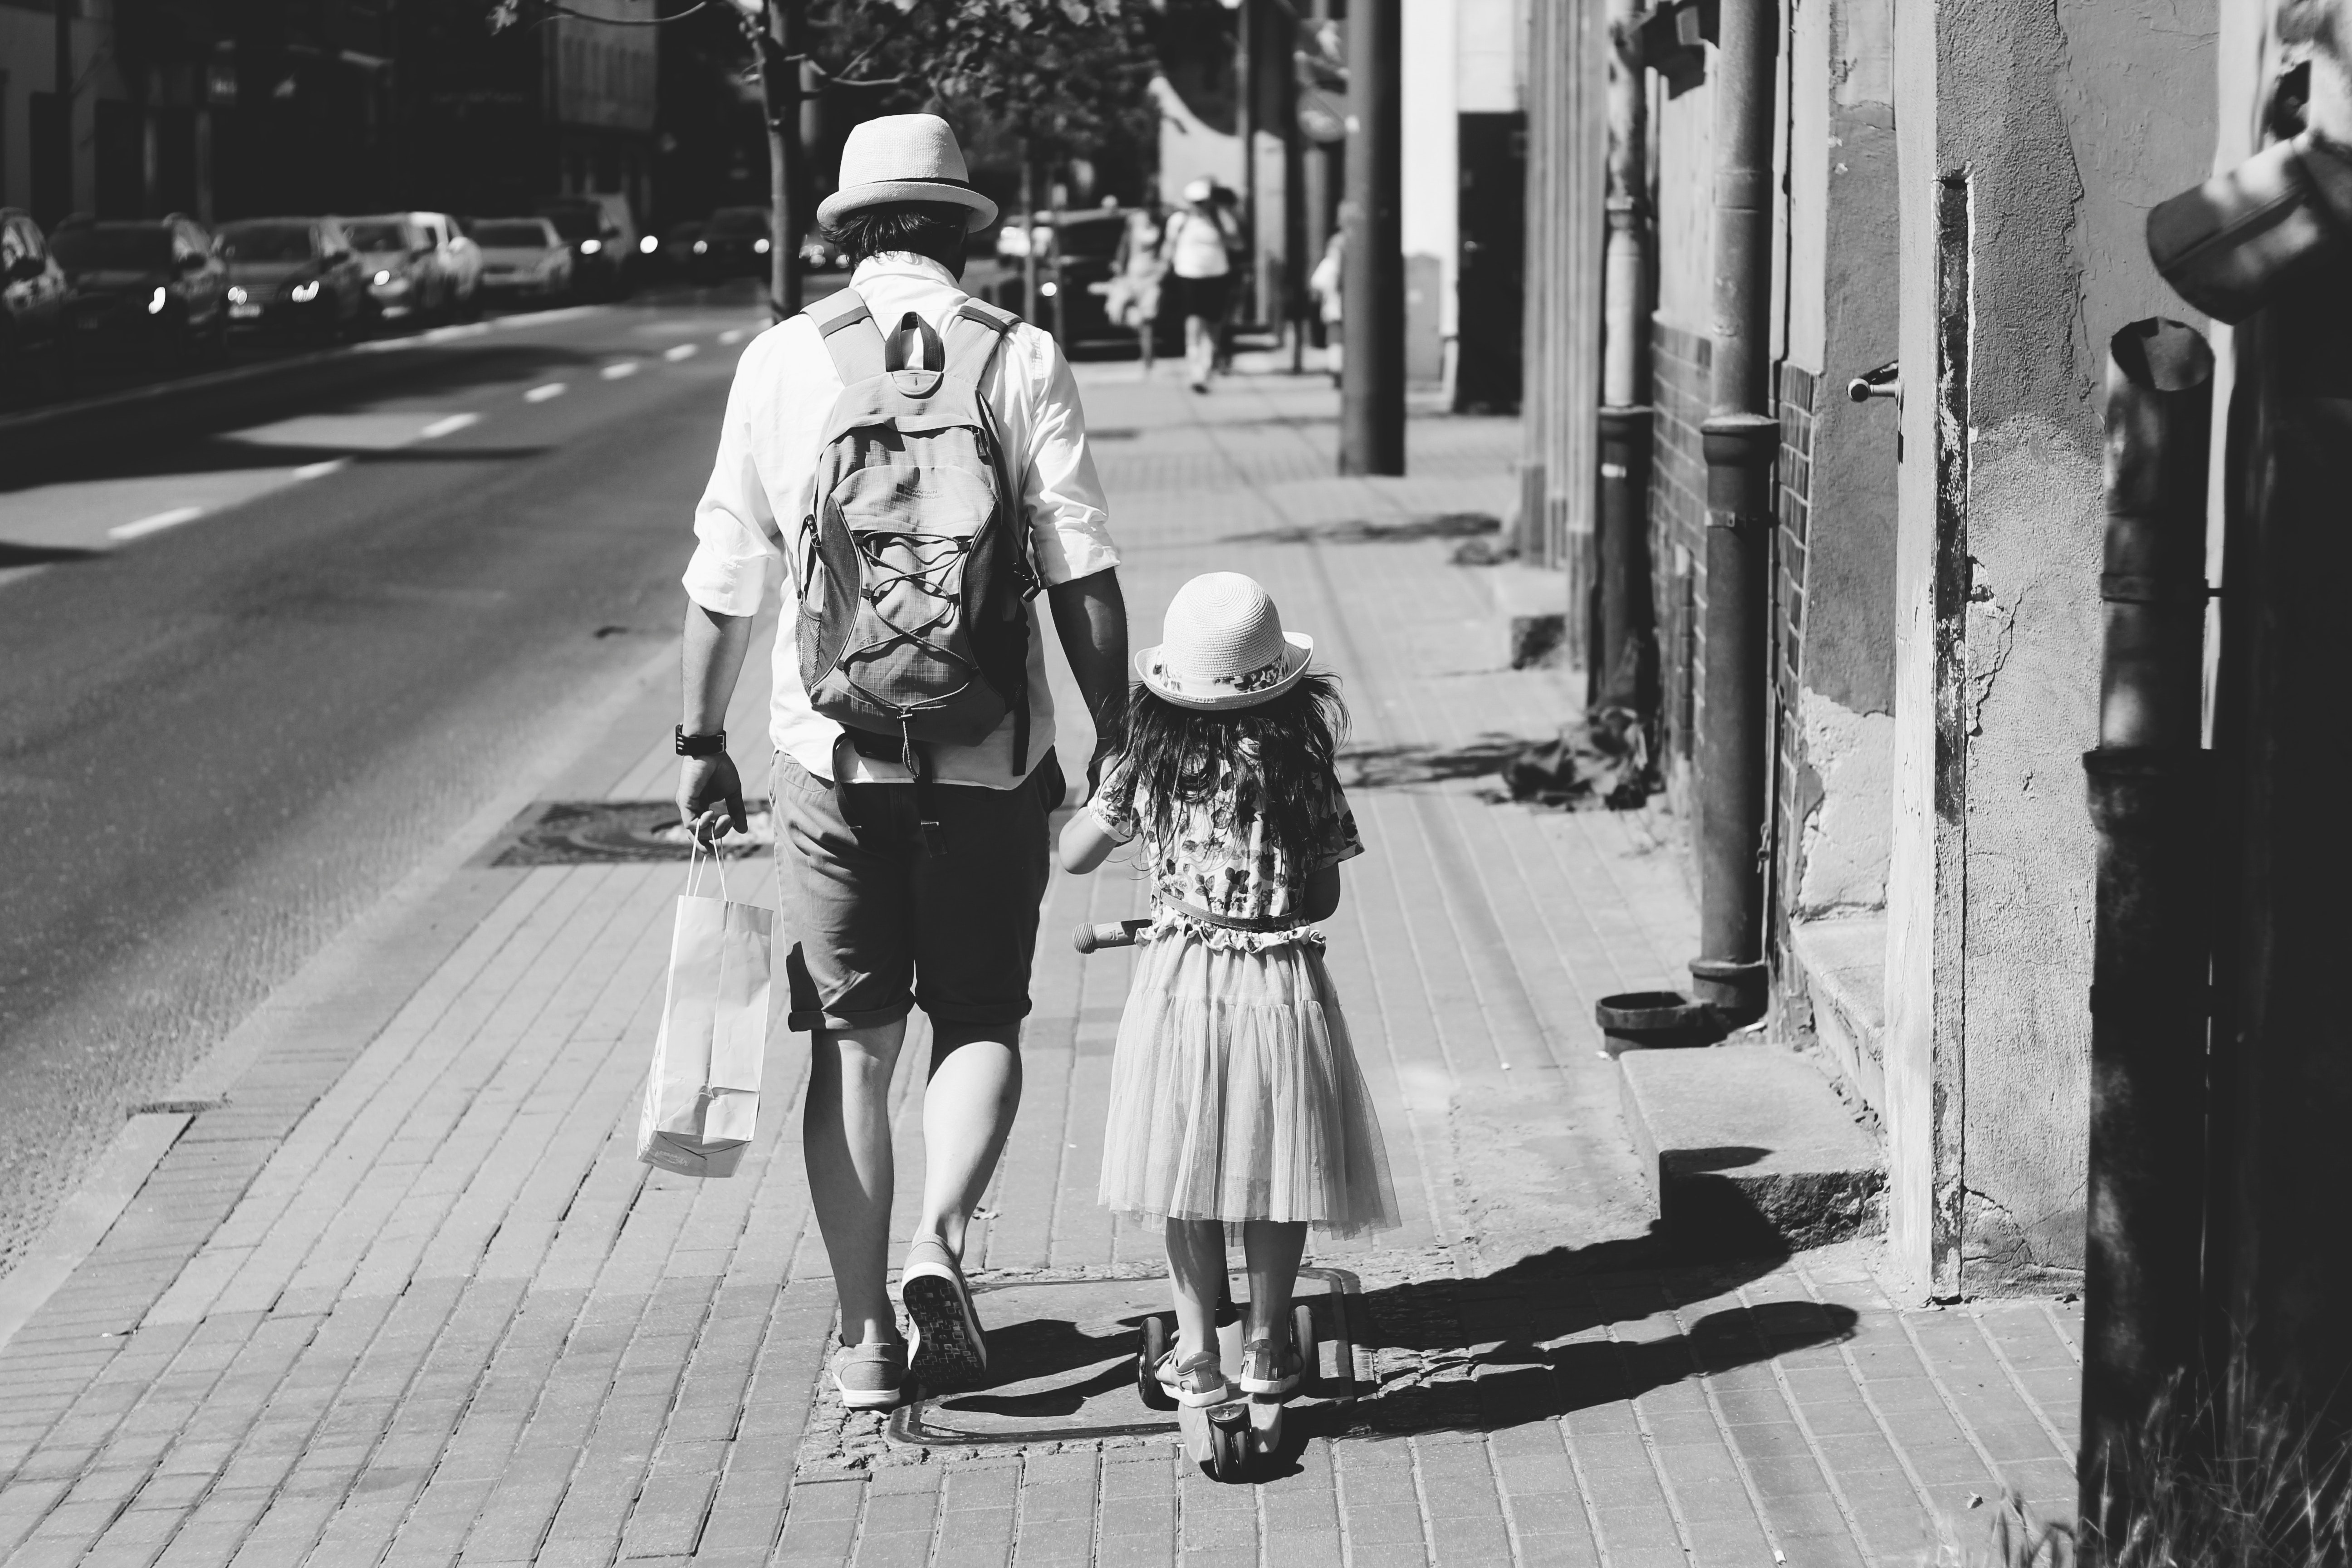 man-holding-girl-while-walking-on-street-1194209